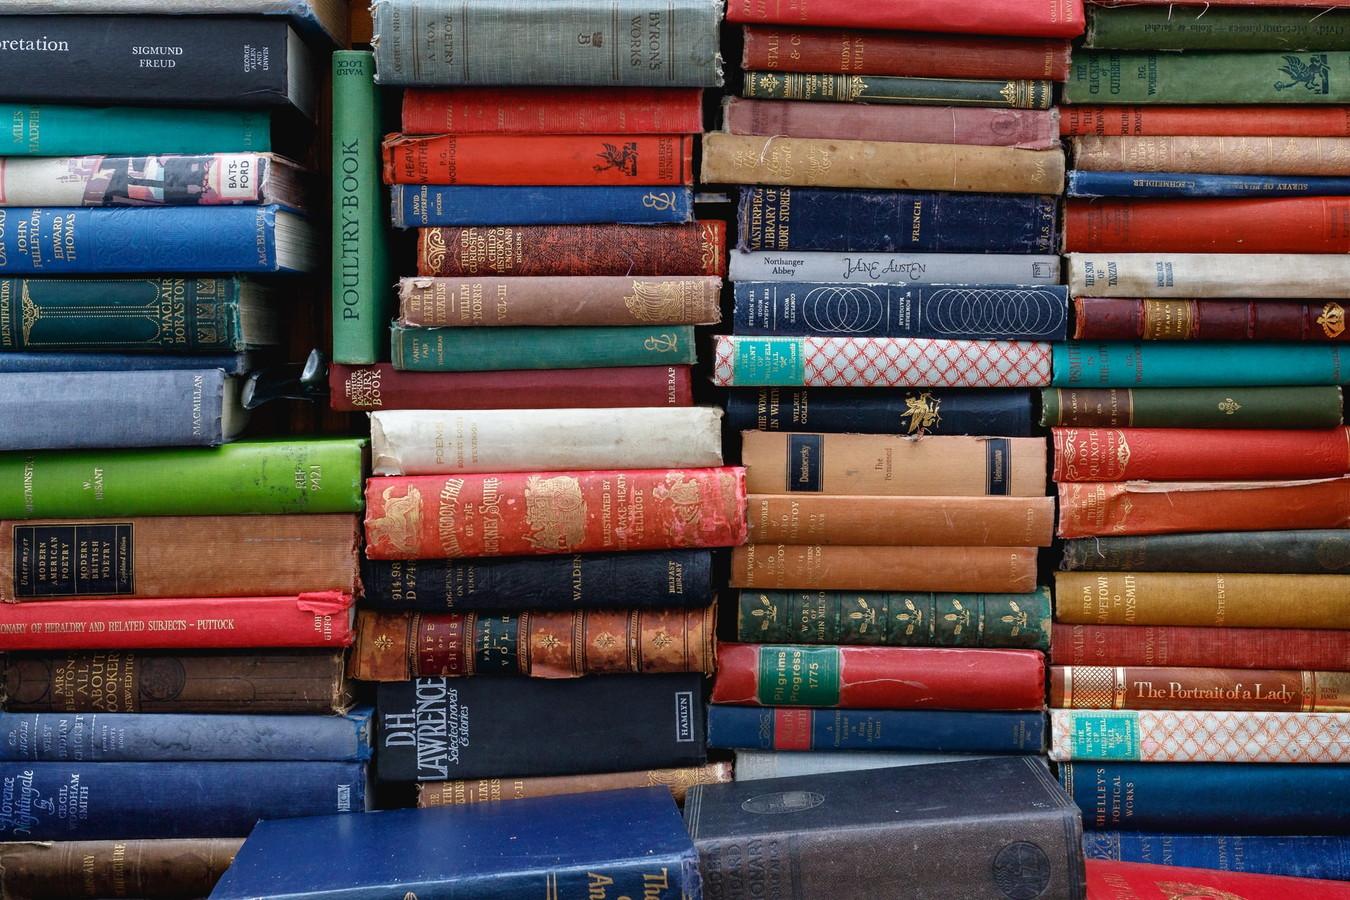 【書評】読書について[他人の頭を借りて自分のアタマを鍛えろ]